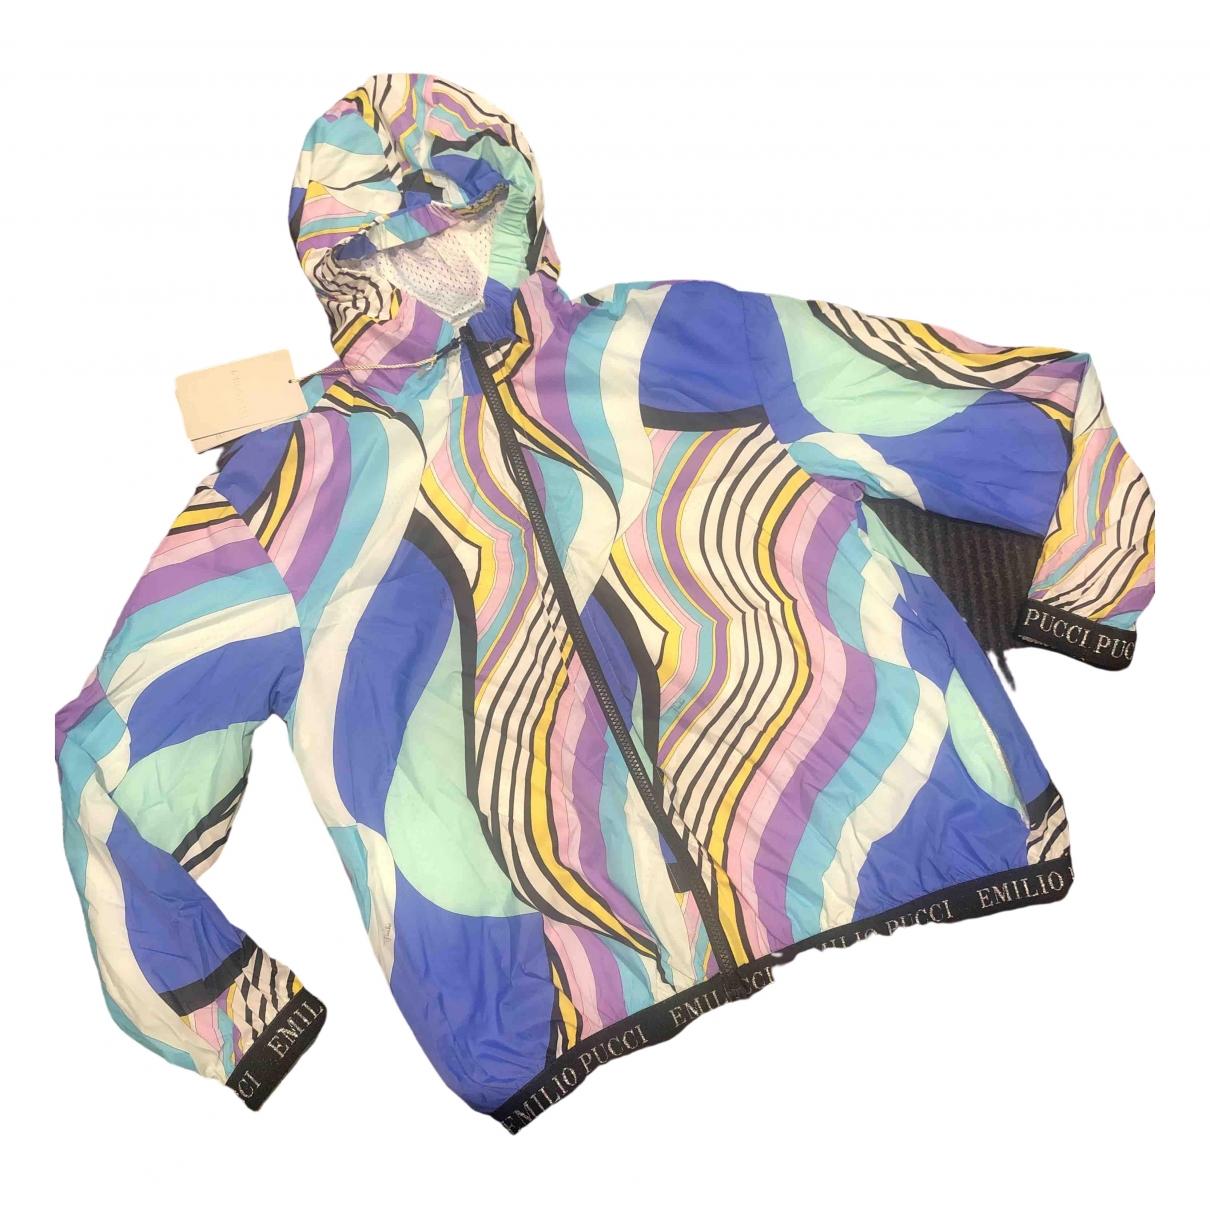 Emilio Pucci - Blousons.Manteaux   pour enfant - multicolore